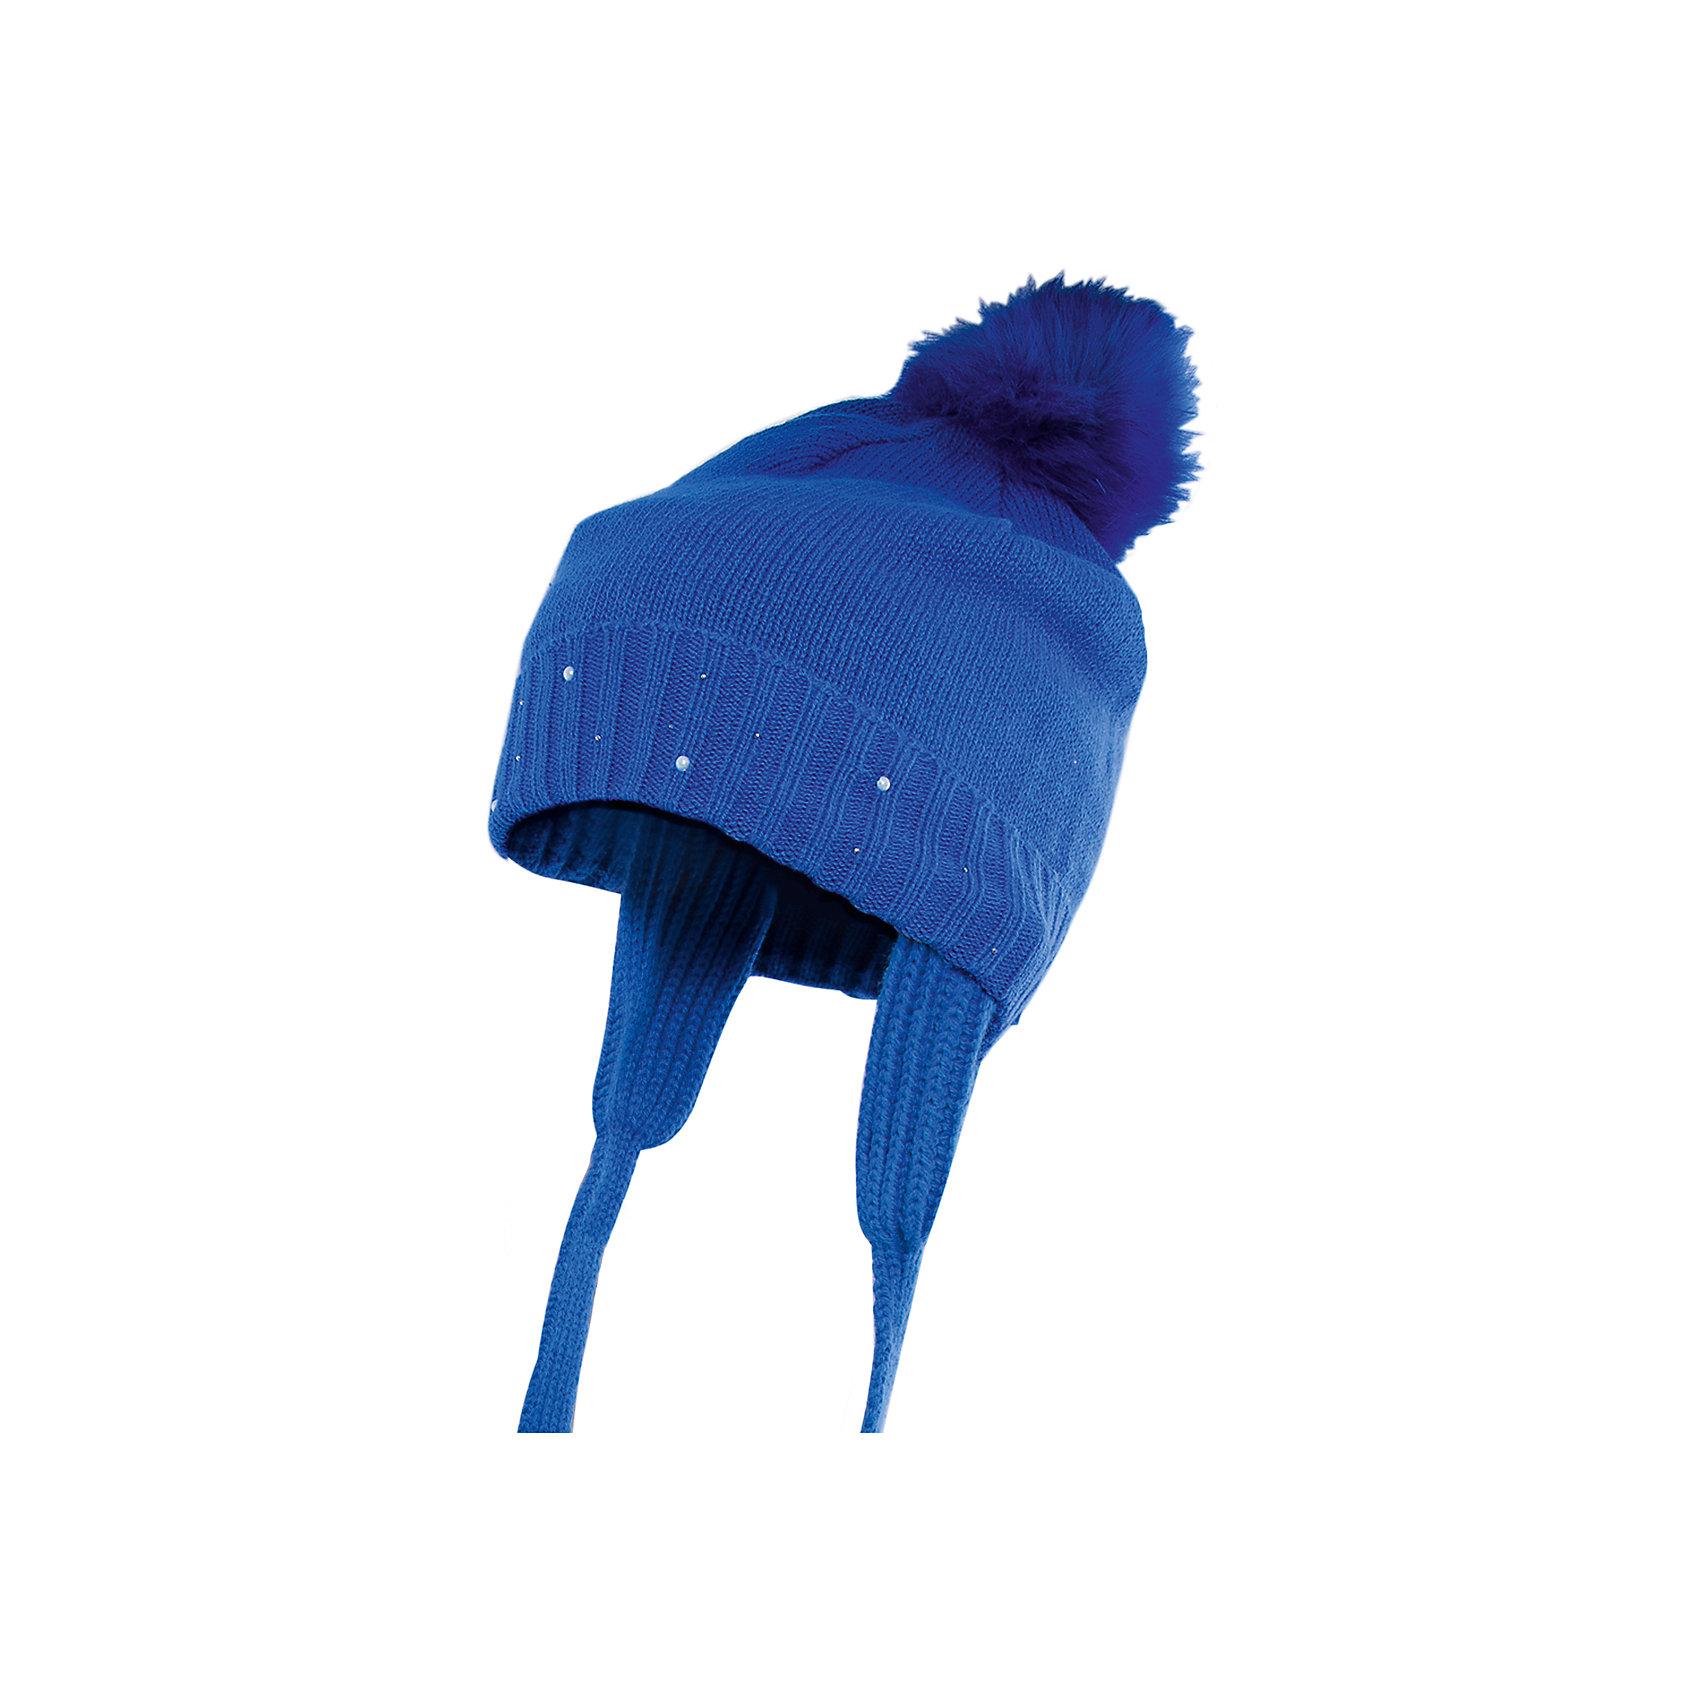 Шапка для девочки PlayTodayГоловные уборы<br>Шапка для девочки от известного бренда PlayToday.<br>Теплая вязаная шапочка на завязках. Яркий цвет поднимет настроение в холодную погоду. Украшена меховым помпоном и сверкающими стразами.<br>Состав:<br>Верх: 60% хлопок, 40% акрил Подкладка: 100% полиэстер<br><br>Ширина мм: 89<br>Глубина мм: 117<br>Высота мм: 44<br>Вес г: 155<br>Цвет: синий<br>Возраст от месяцев: 24<br>Возраст до месяцев: 36<br>Пол: Женский<br>Возраст: Детский<br>Размер: 50,52,54<br>SKU: 4898436